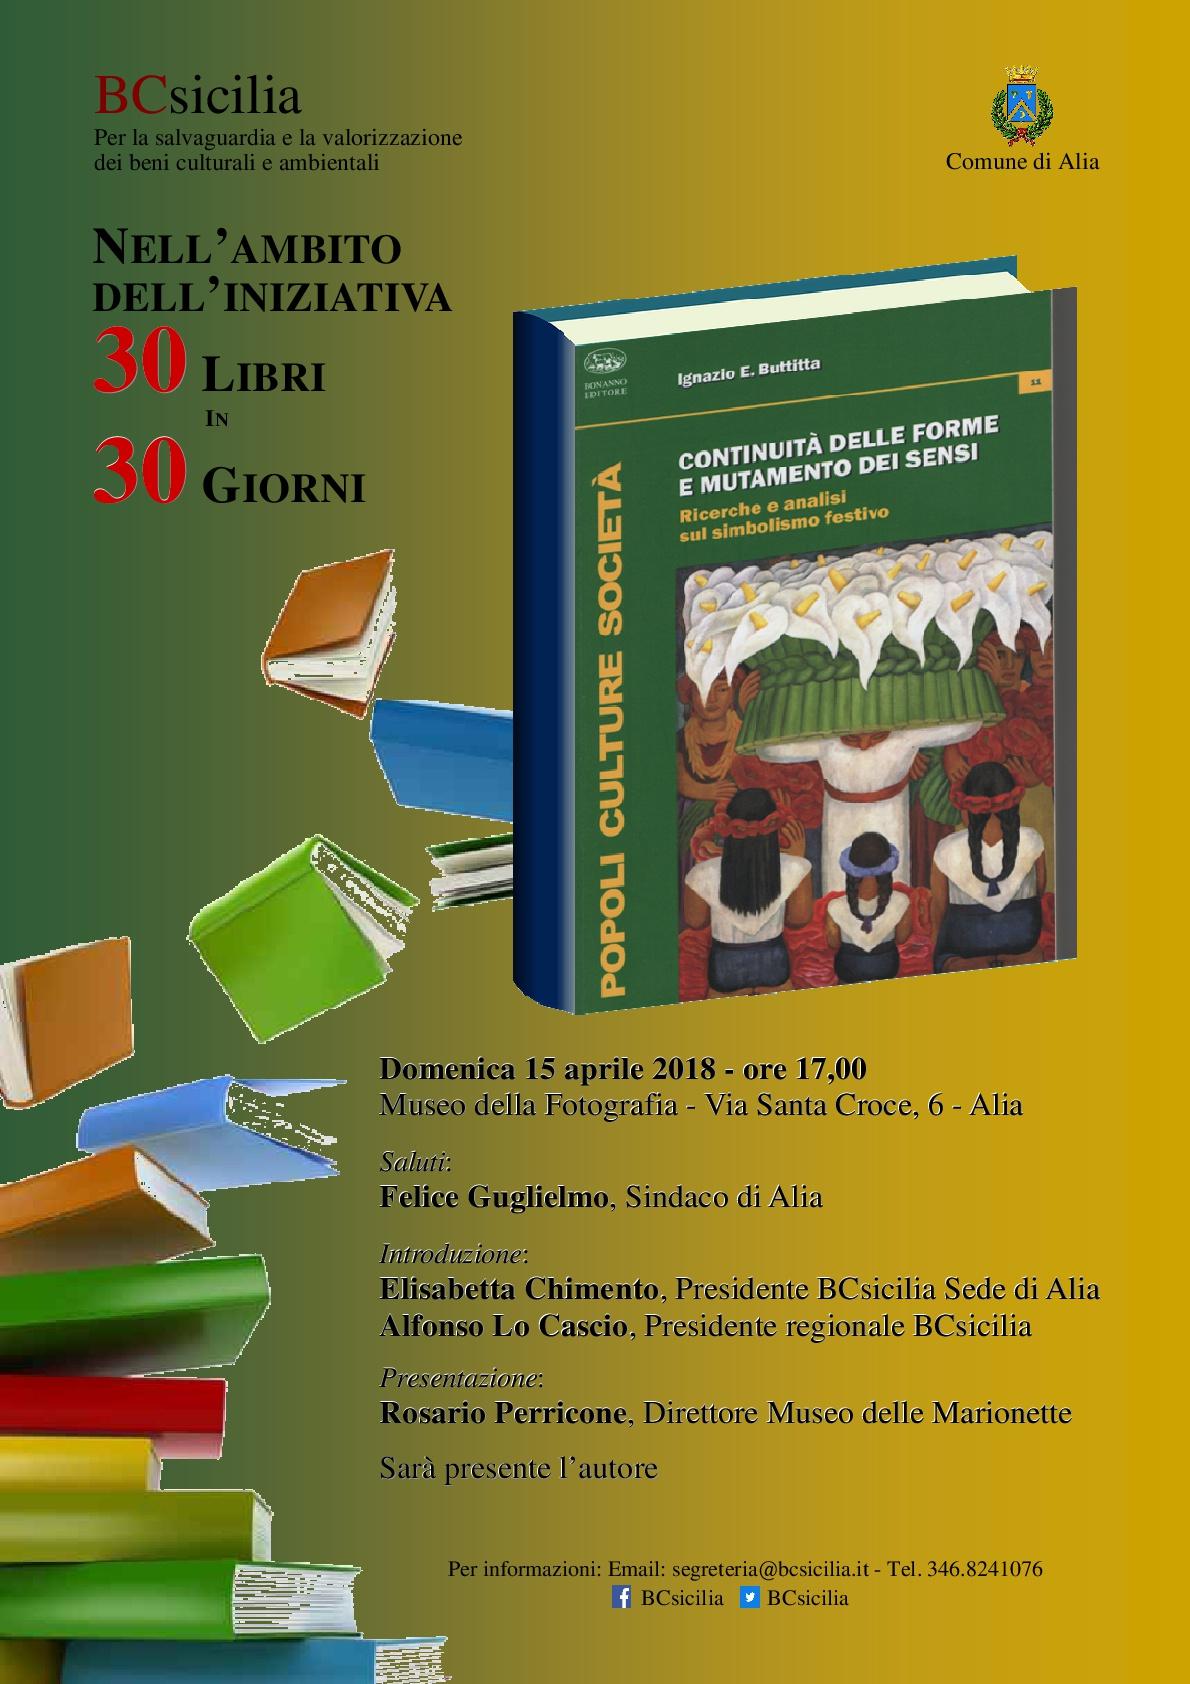 Locandina-Presentazione-Alia-libro-Buttitta-001.jpg - 459.88 kB